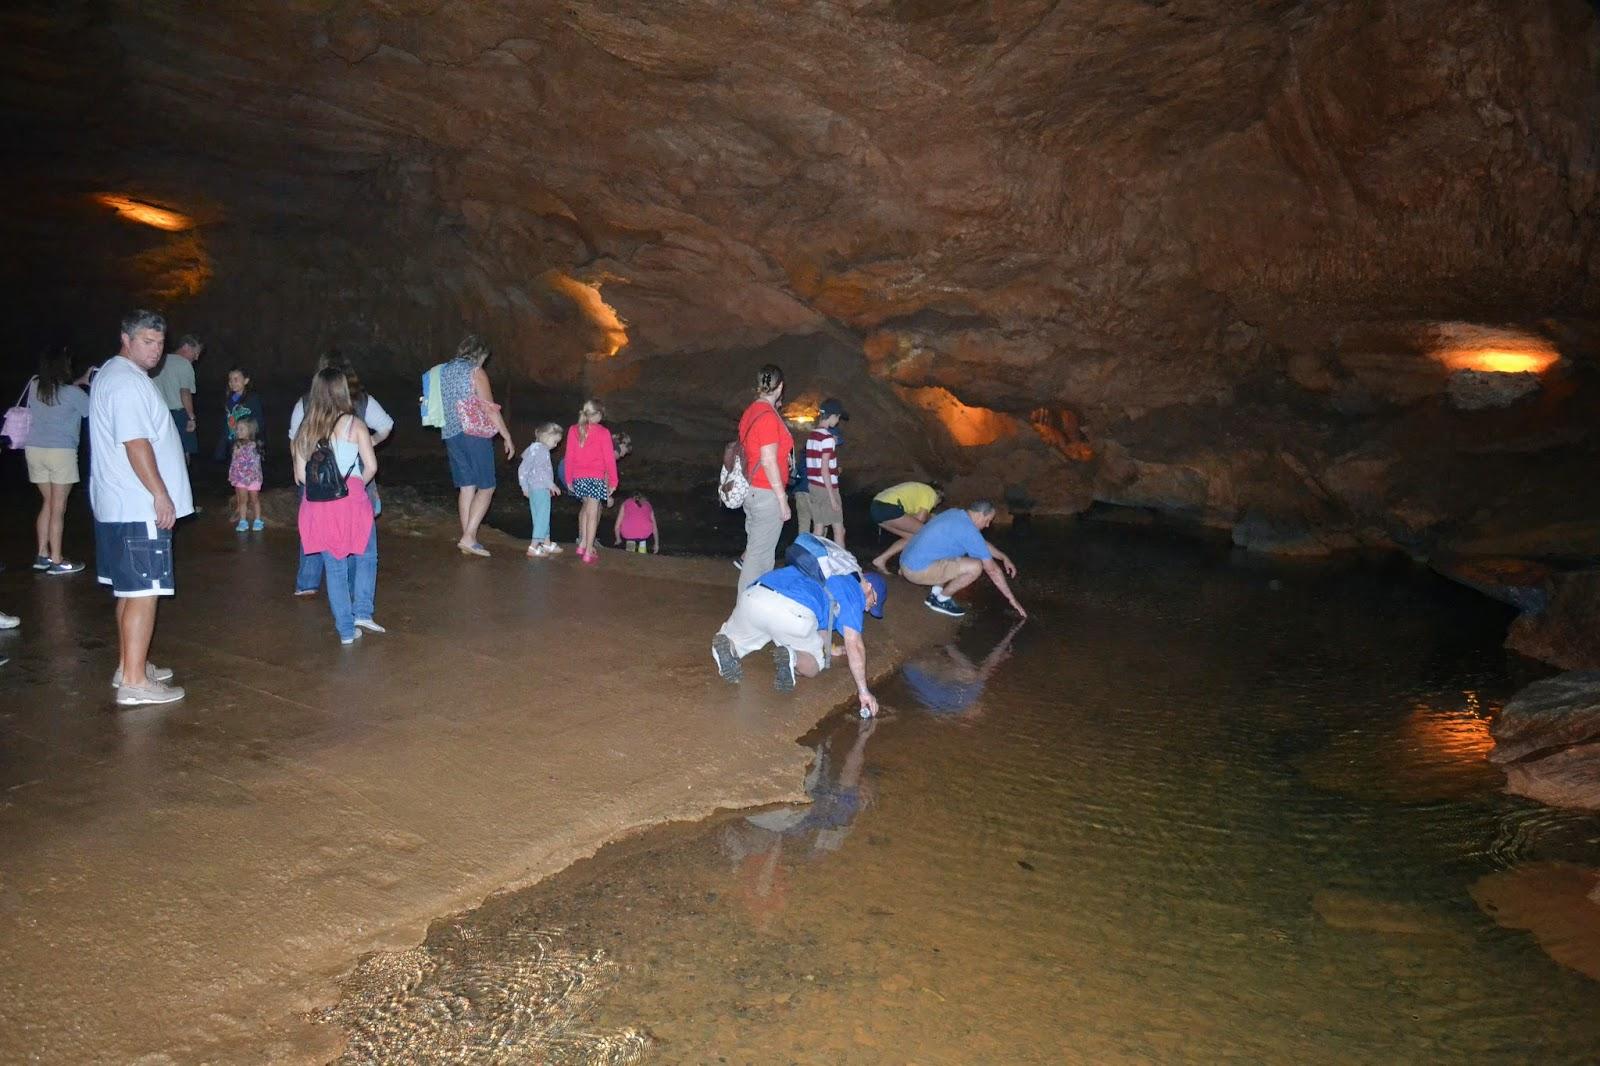 Tuckaleechee Cavern beach